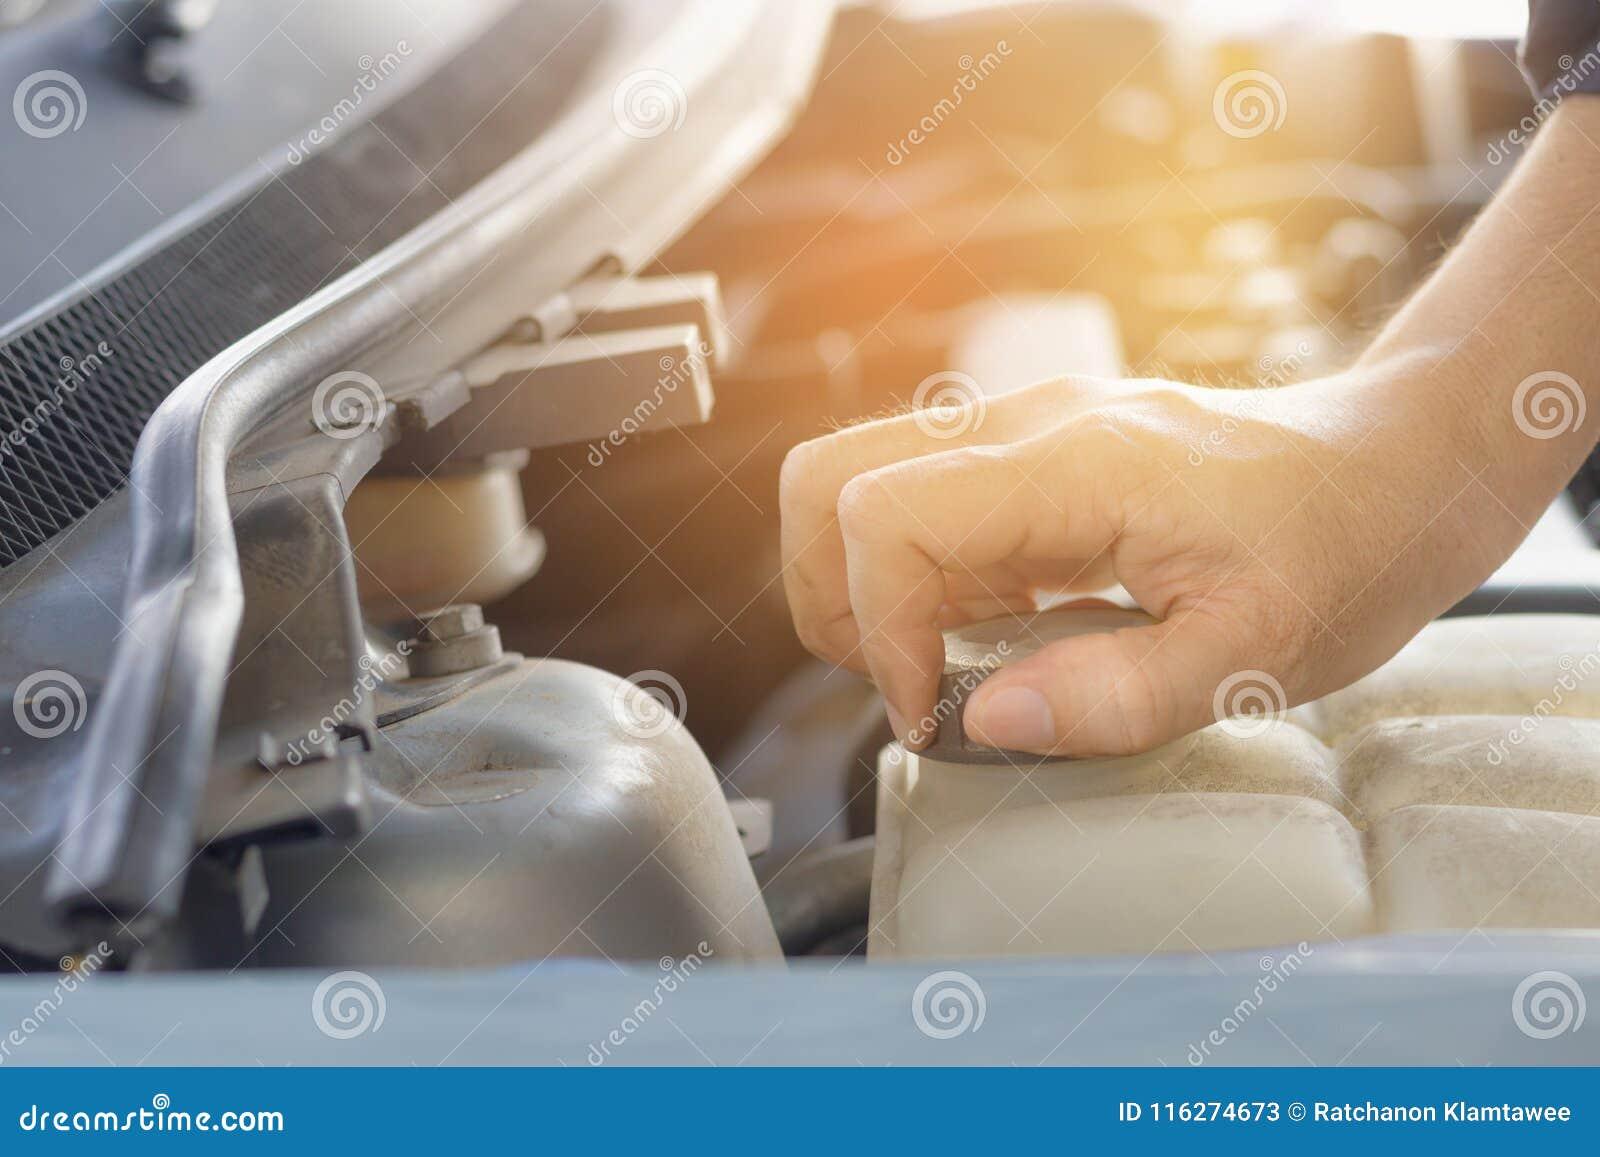 Рука цистерны с водой крышки человека открытой автомобиля для обслуживания